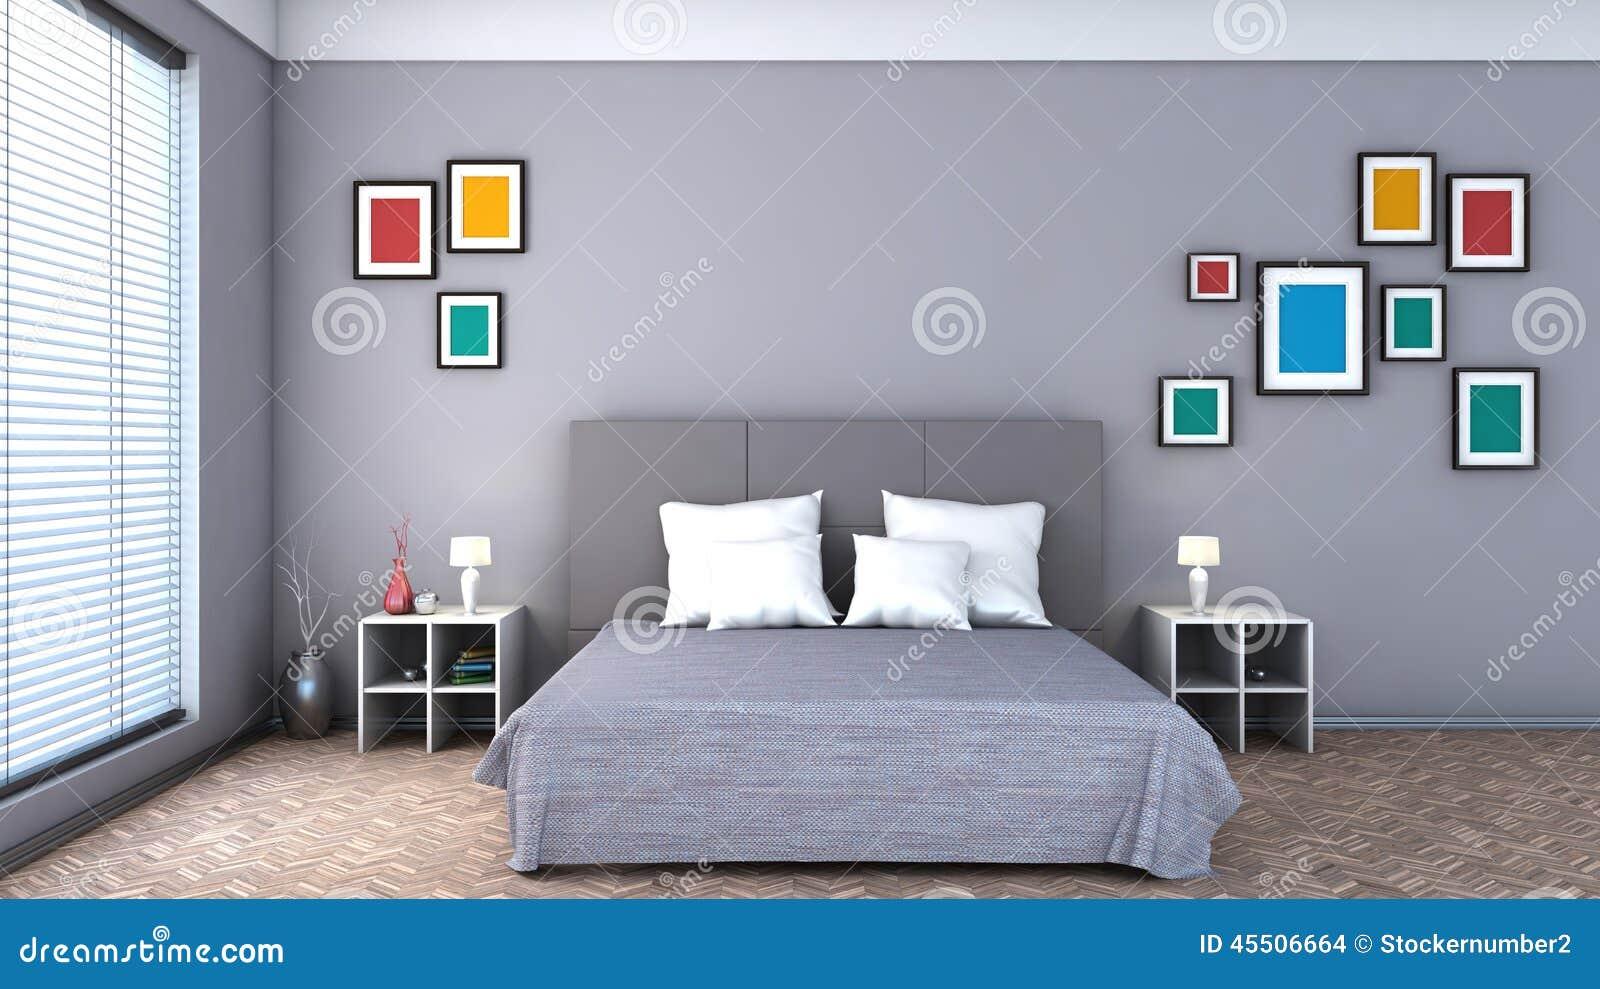 download slaapkamer met kleurrijke schilderijen stock illustratie illustratie bestaande uit decoratie huis 45506664